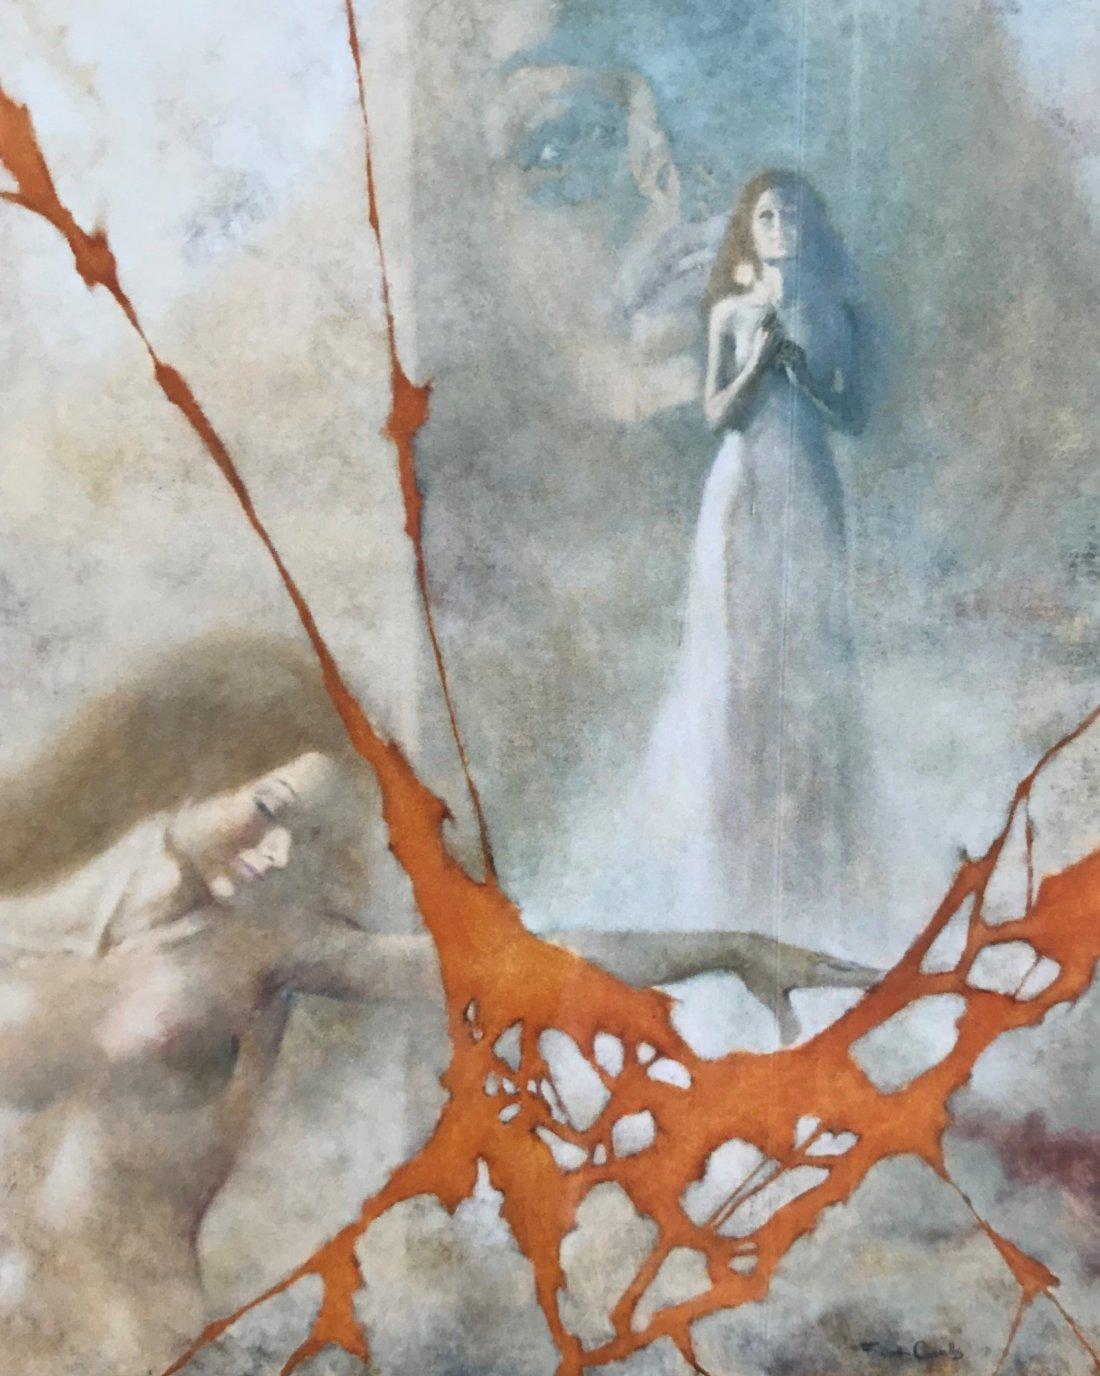 Sant Vicent del Raspeig recuerda al extraordinario dibujante de cómics Jordi Franch en CÓMIC